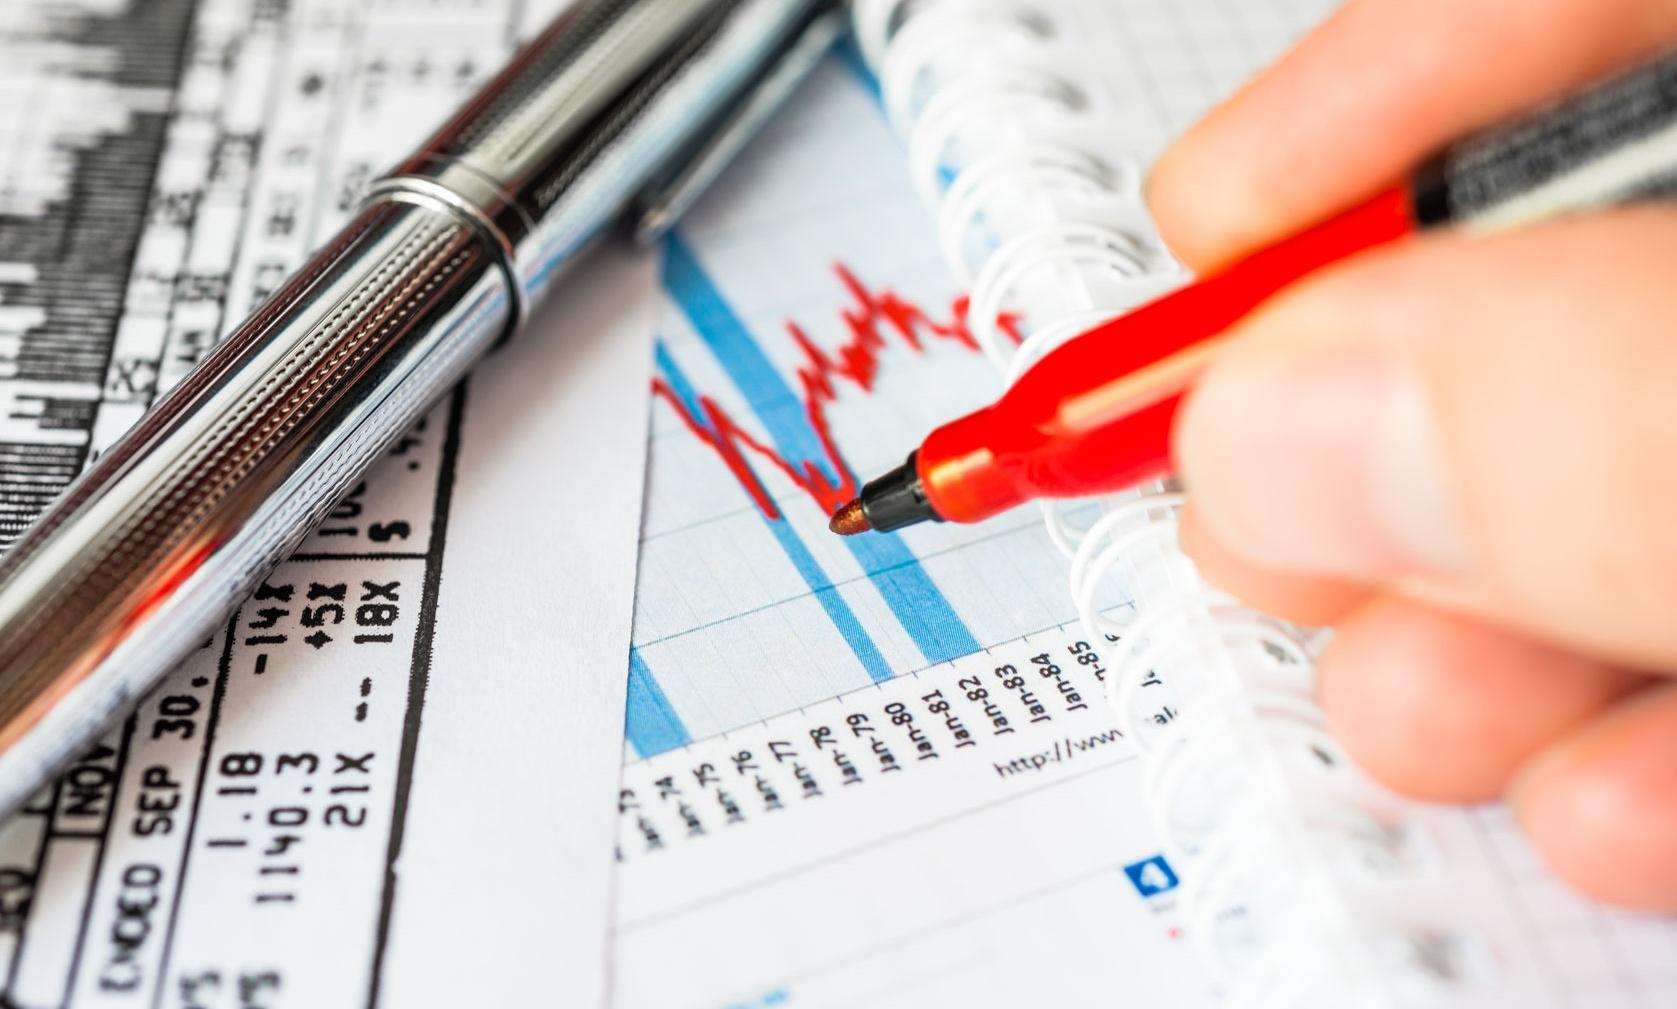 В РФ впервый раз открыли официальные торги биткоином